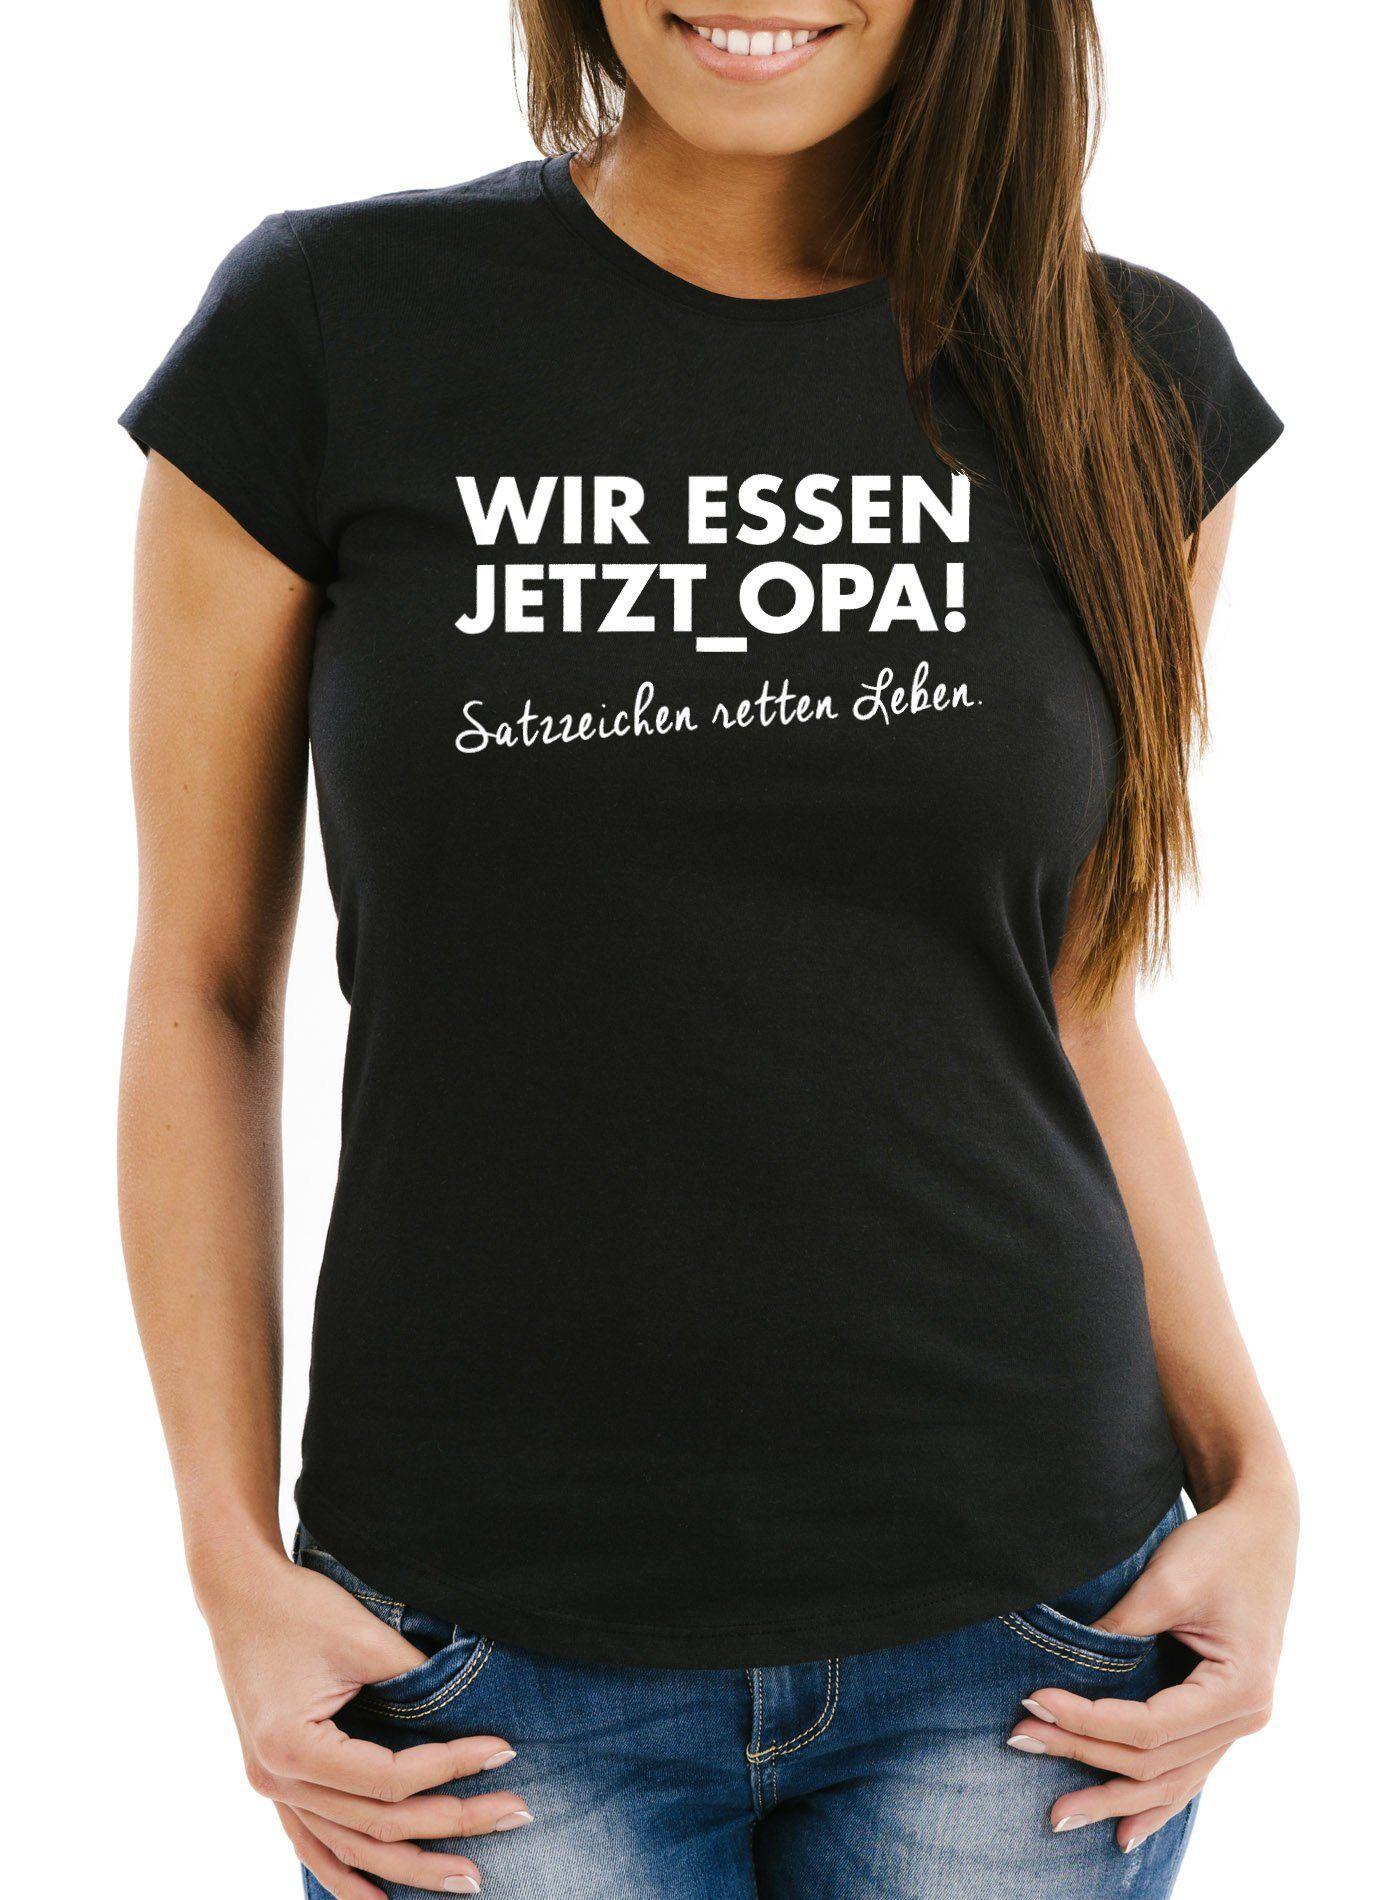 MoonWorks Print-Shirt »Lustiges Damen T-Shirt Wir essen jetzt Opa, Satzzeichen retten Leben. ®« mit Print, schwarz